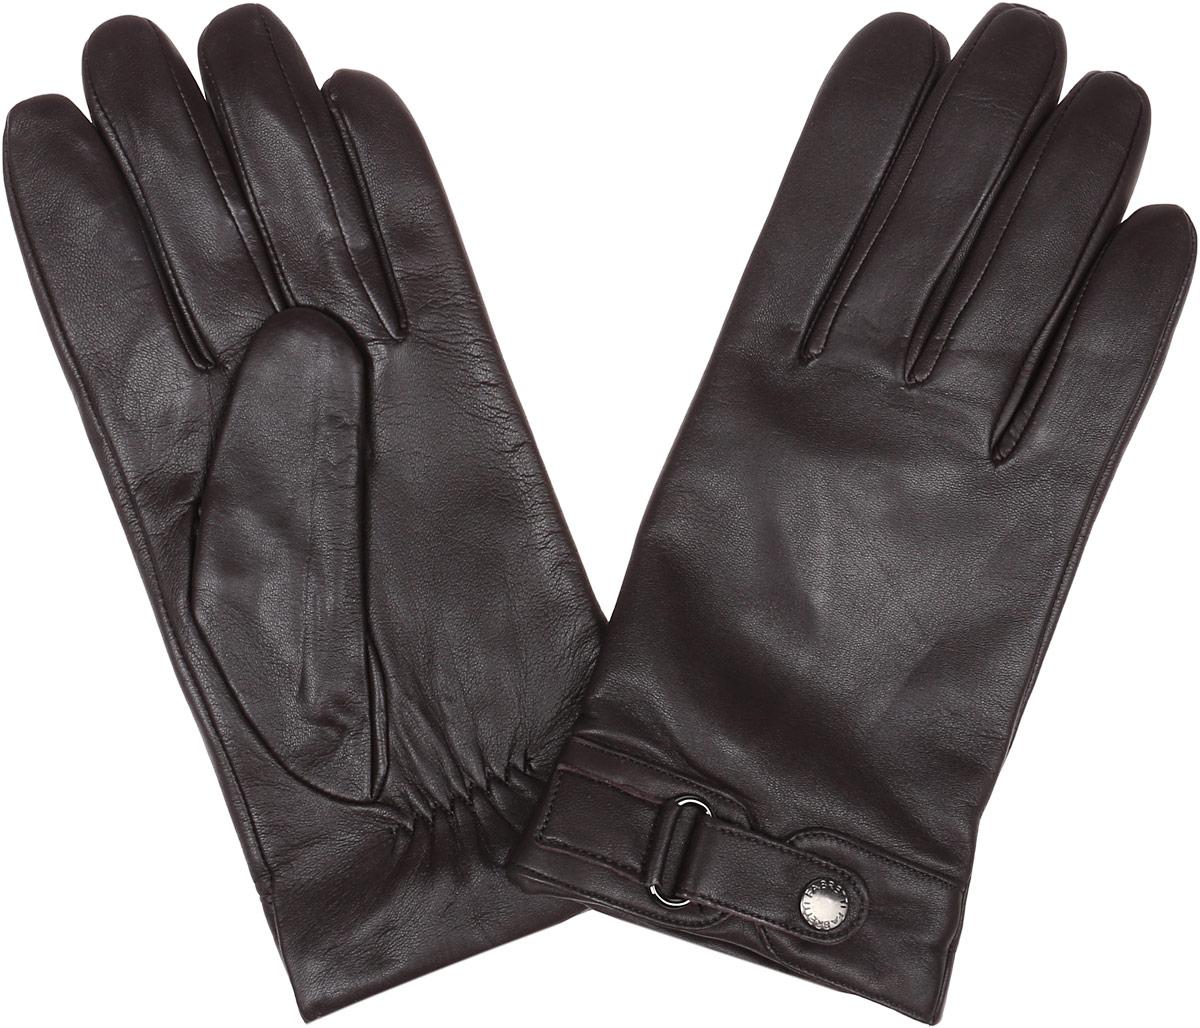 12.51-2 chocolateСтильные мужские перчатки Fabretti не только защитят ваши руки, но и станут великолепным украшением. Перчатки выполнены из натуральной кожи ягненка, а их подкладка - из высококачественной шерсти с добавлением кашемира. Модель дополнена декоративным хлястиком на кнопке. Перчатки имеют строчки- стежки на запястье, которые придают большее удобство при носке. Стильный аксессуар для повседневного образа.